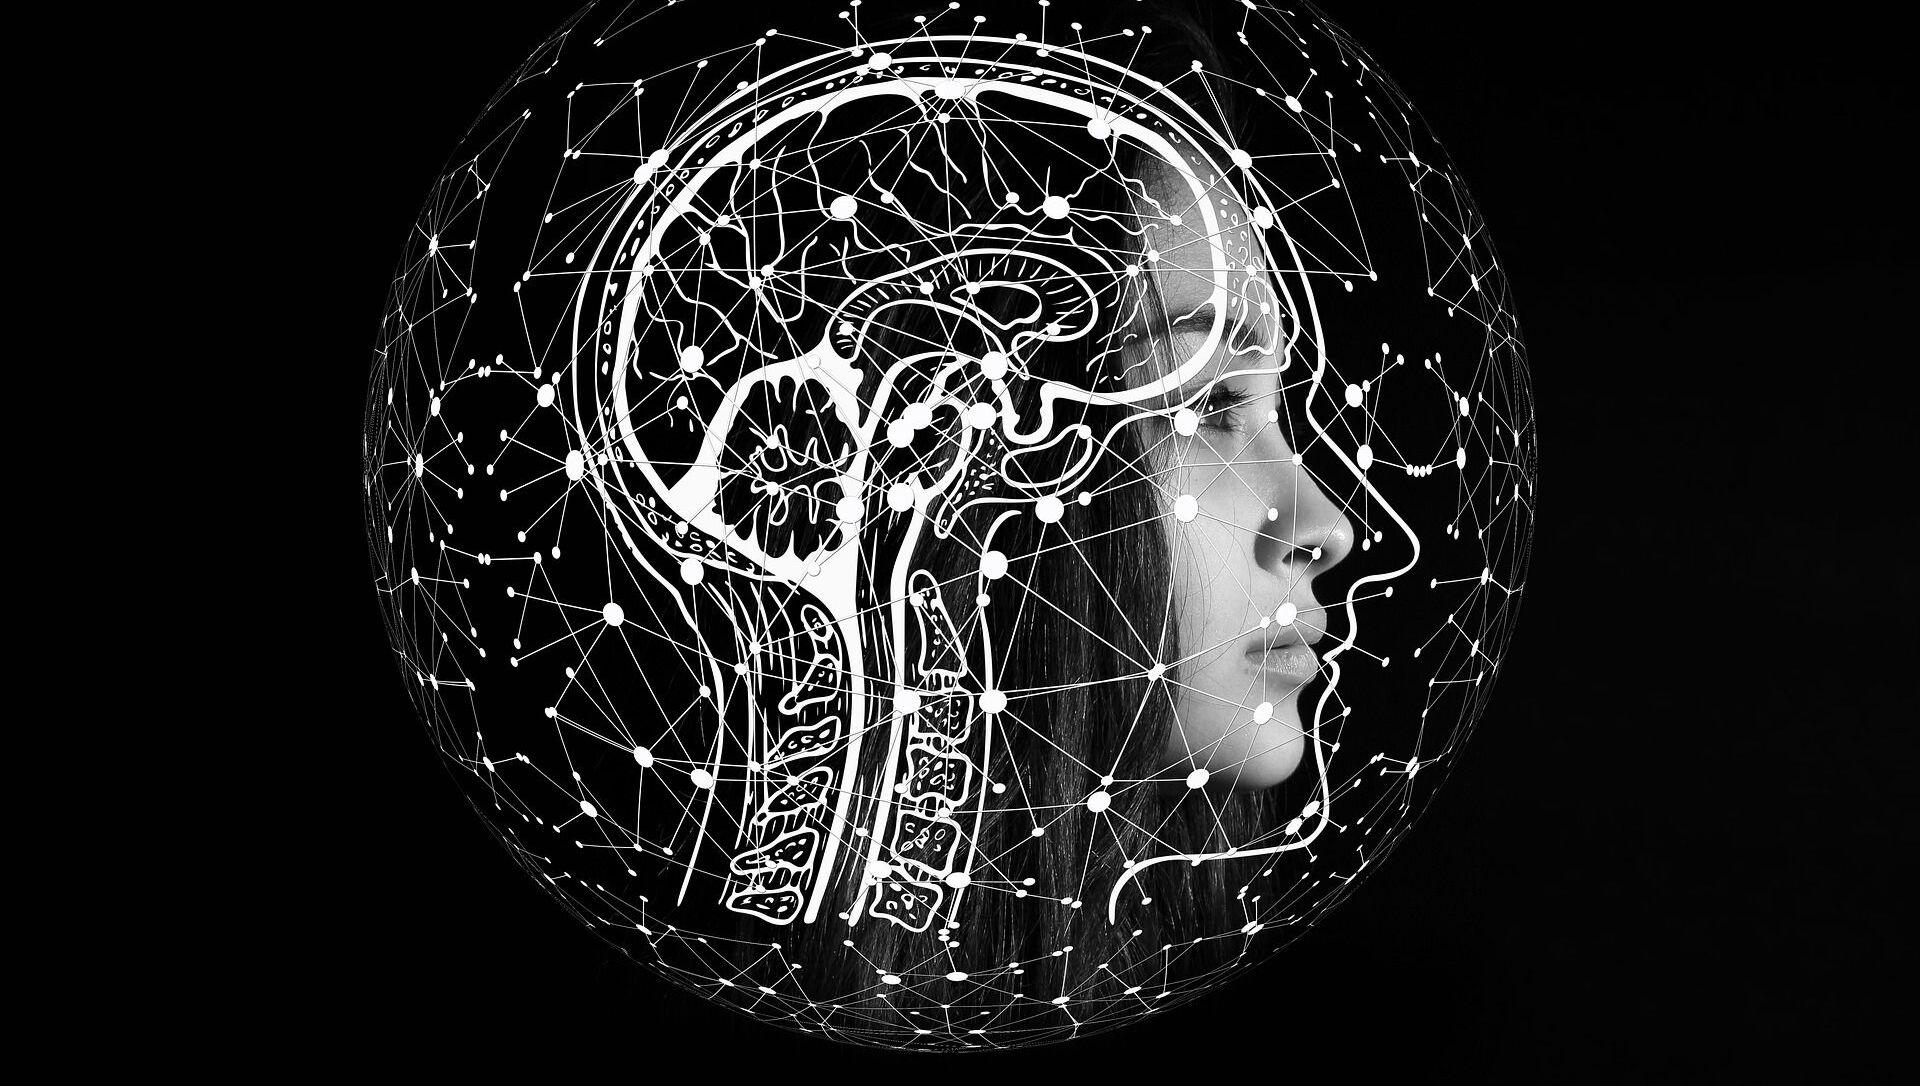 Un cerebro - Sputnik Mundo, 1920, 10.08.2019